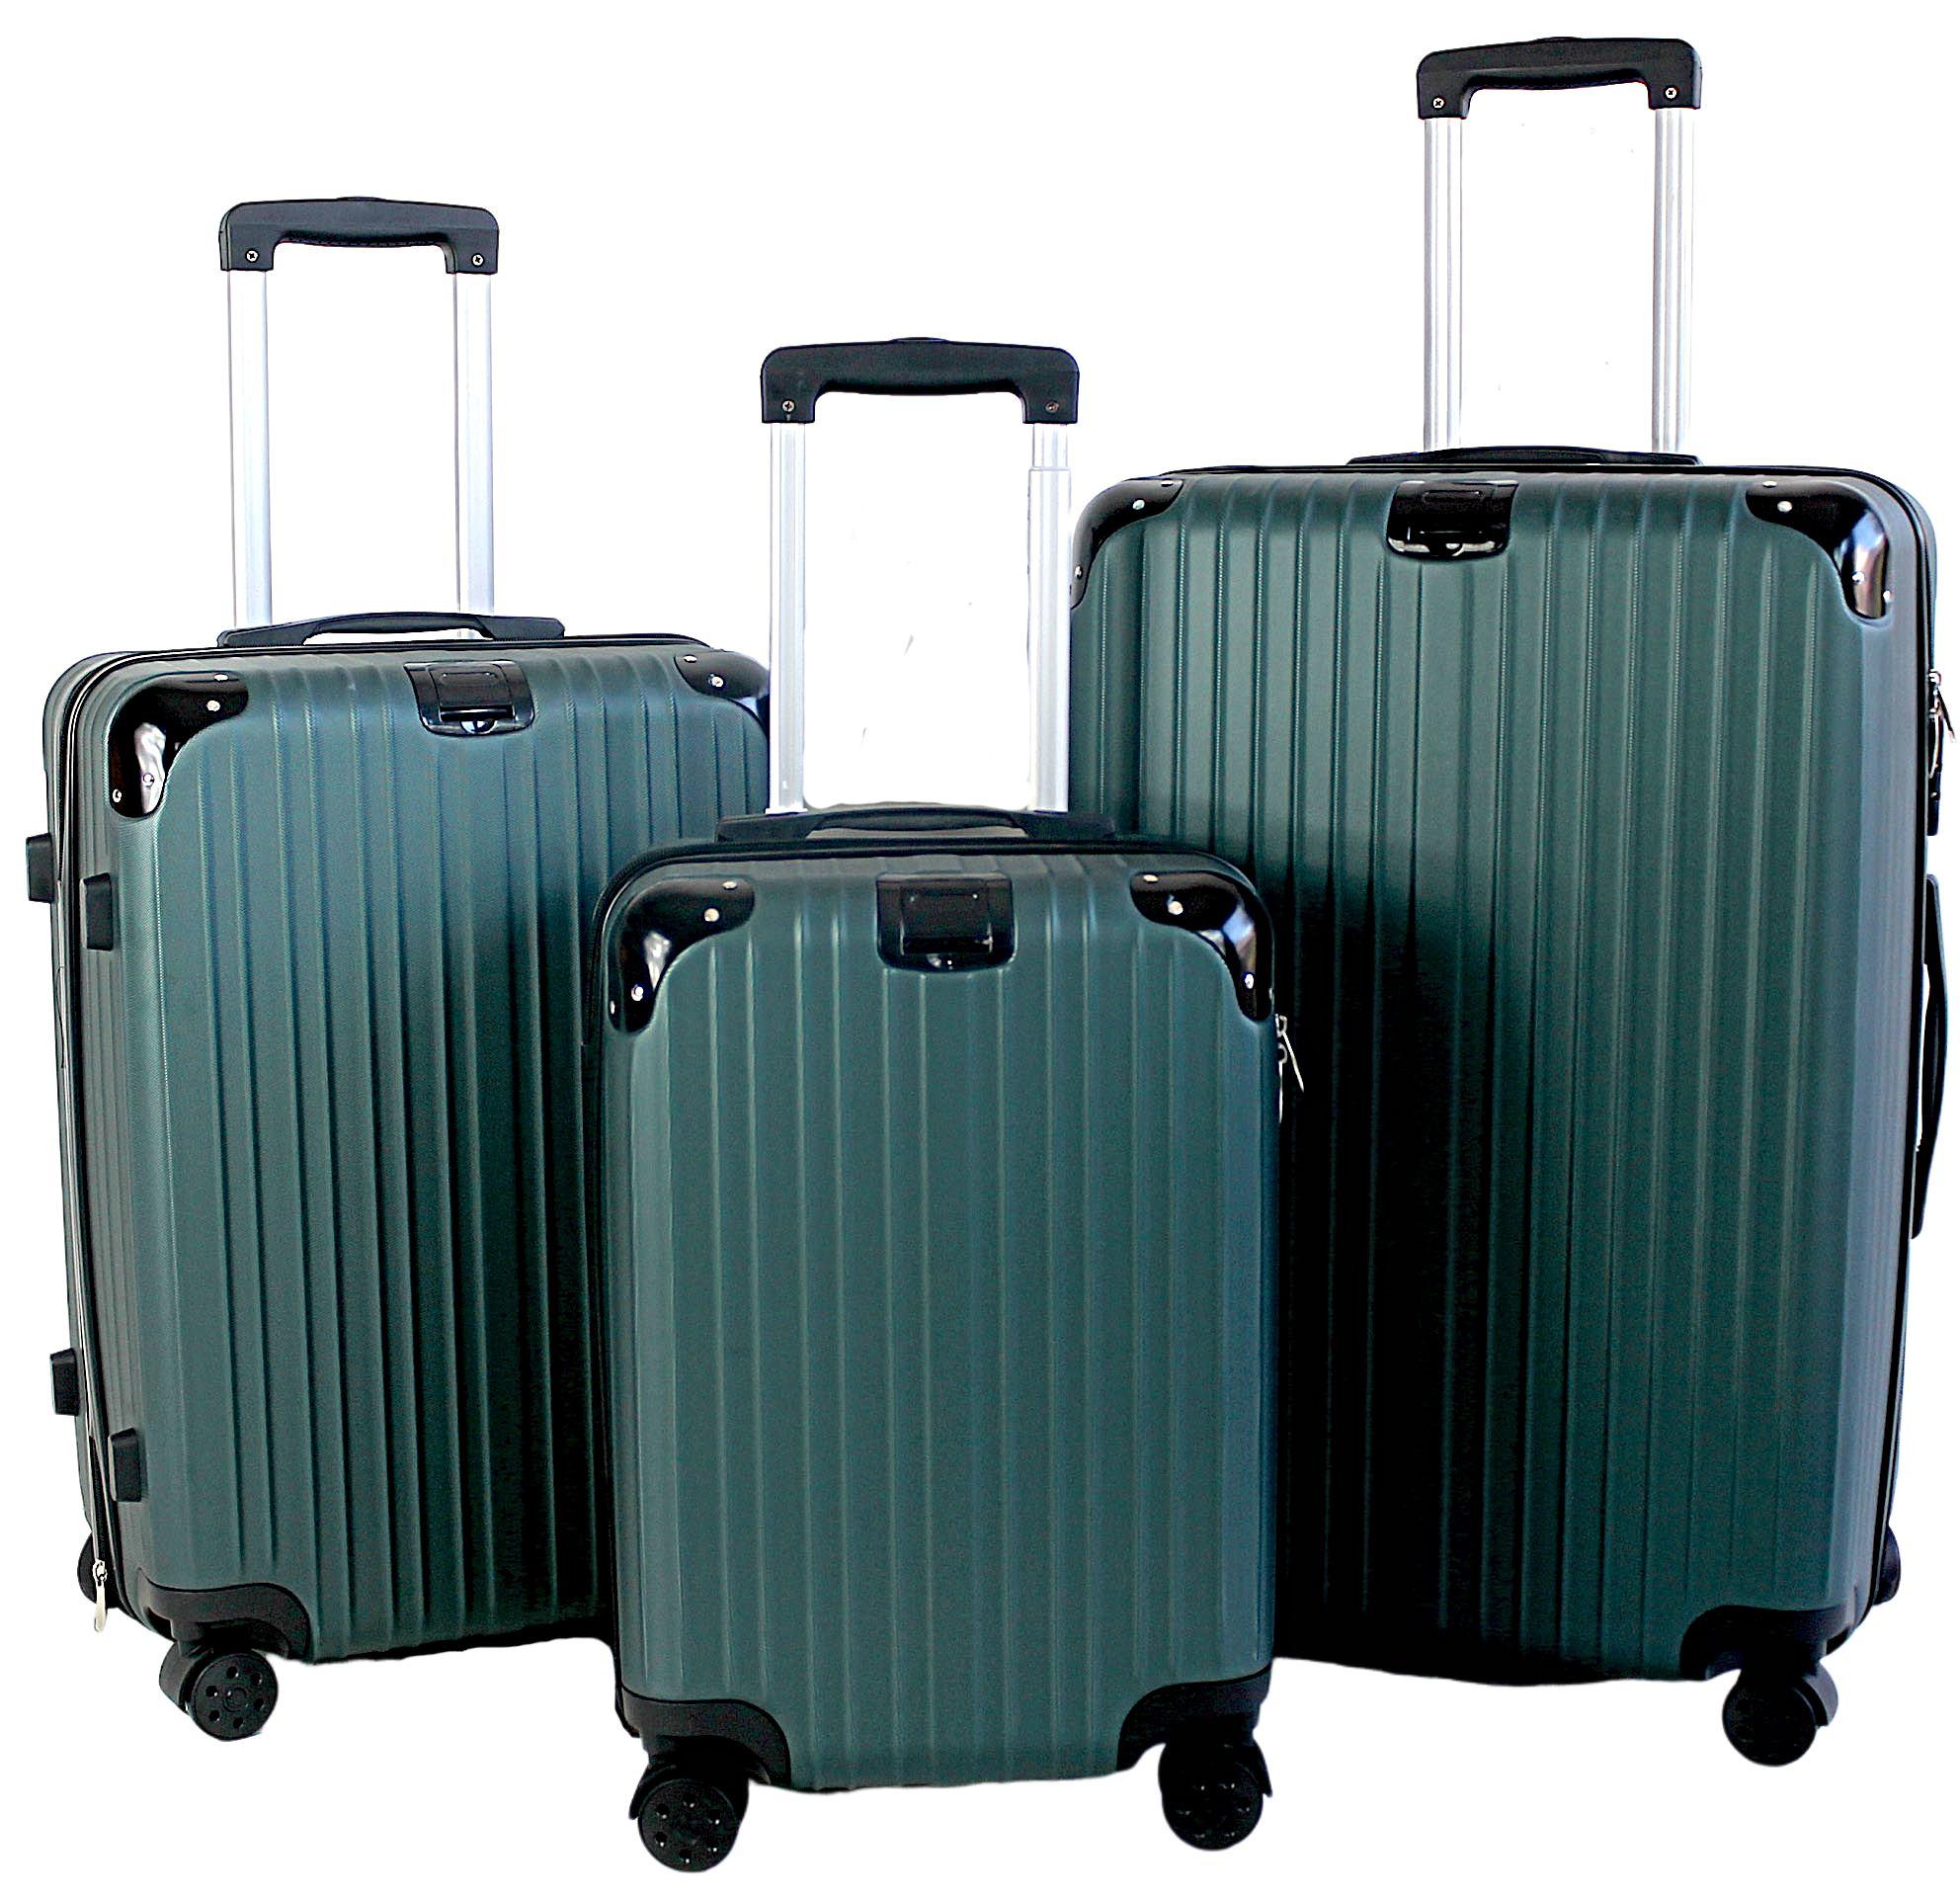 Kit conjunto viagem 3 malas P, M e G rígida ABS roda dupla 360° - Tókyo